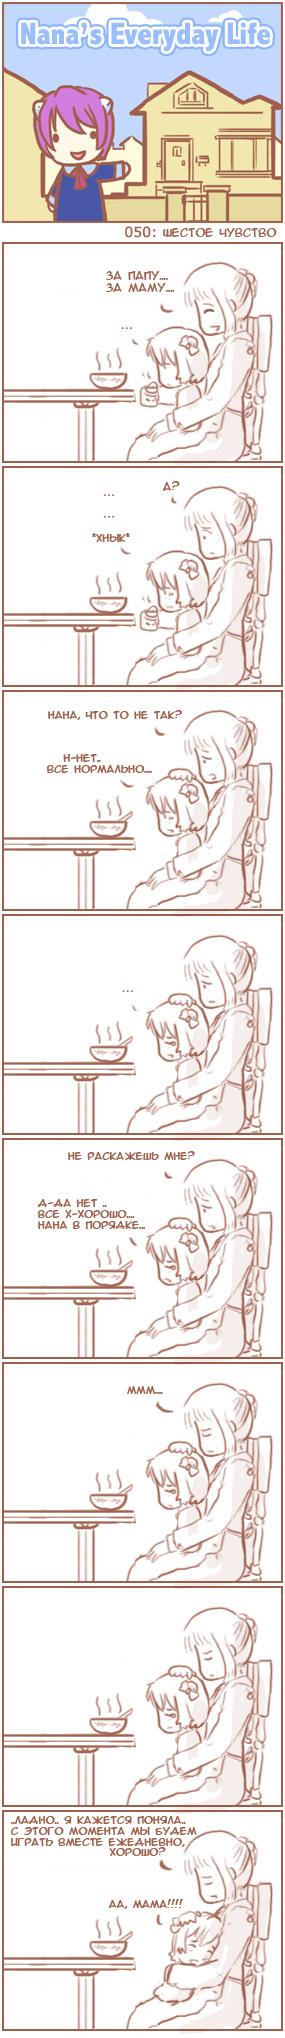 [Nana's Everyday Life - strip 50]